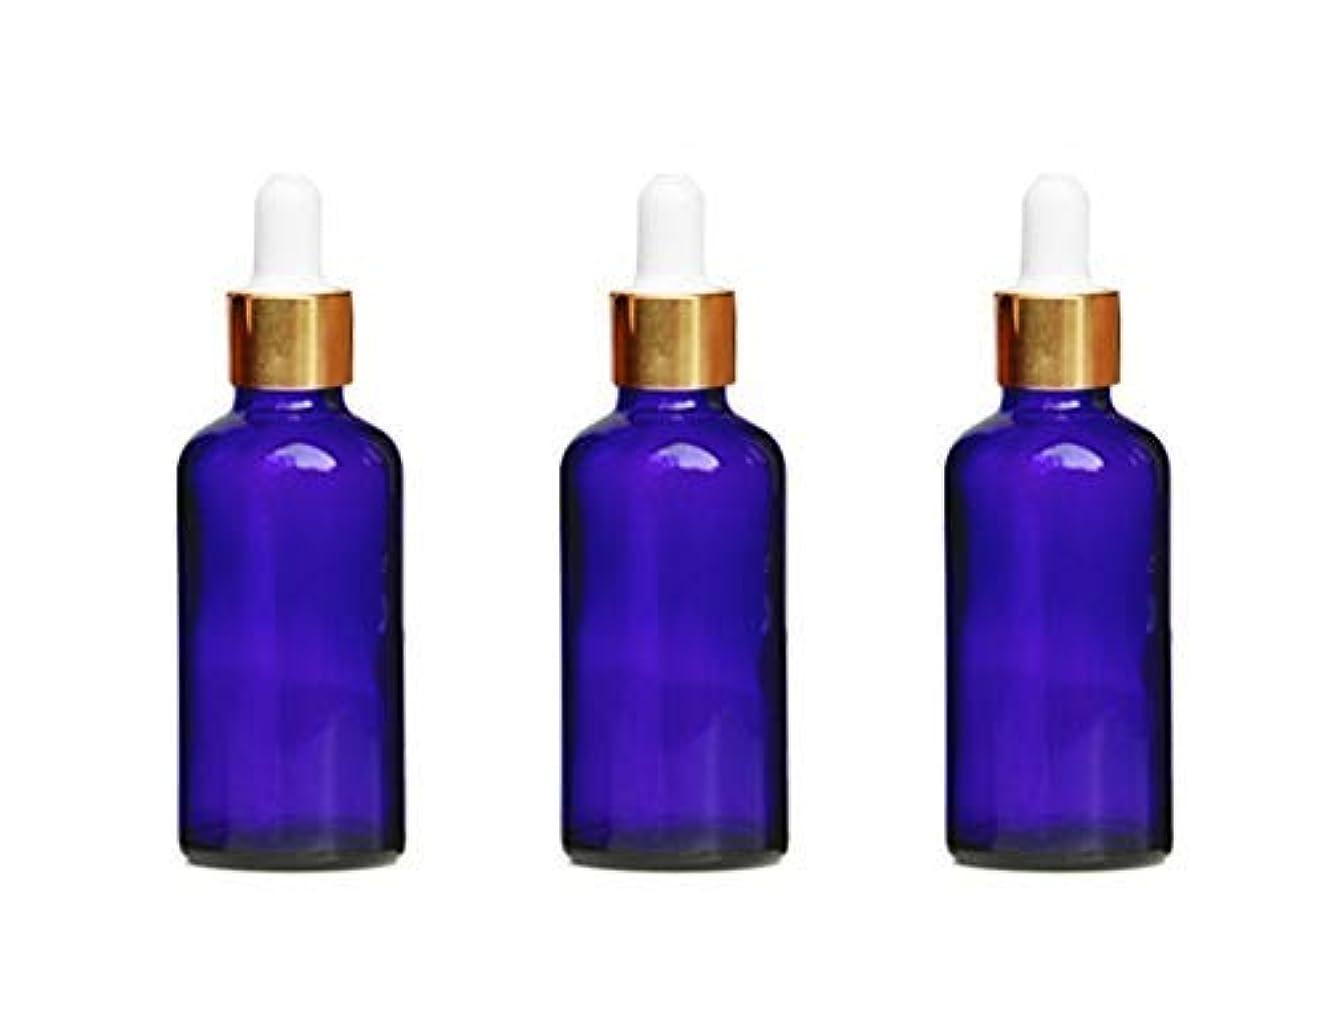 に関して入る実際に3Pcs Blue Glass Essential Oil Dropper Bottles Empty Refillable Makeup Cosmetic Sample Container Jars With Glass...